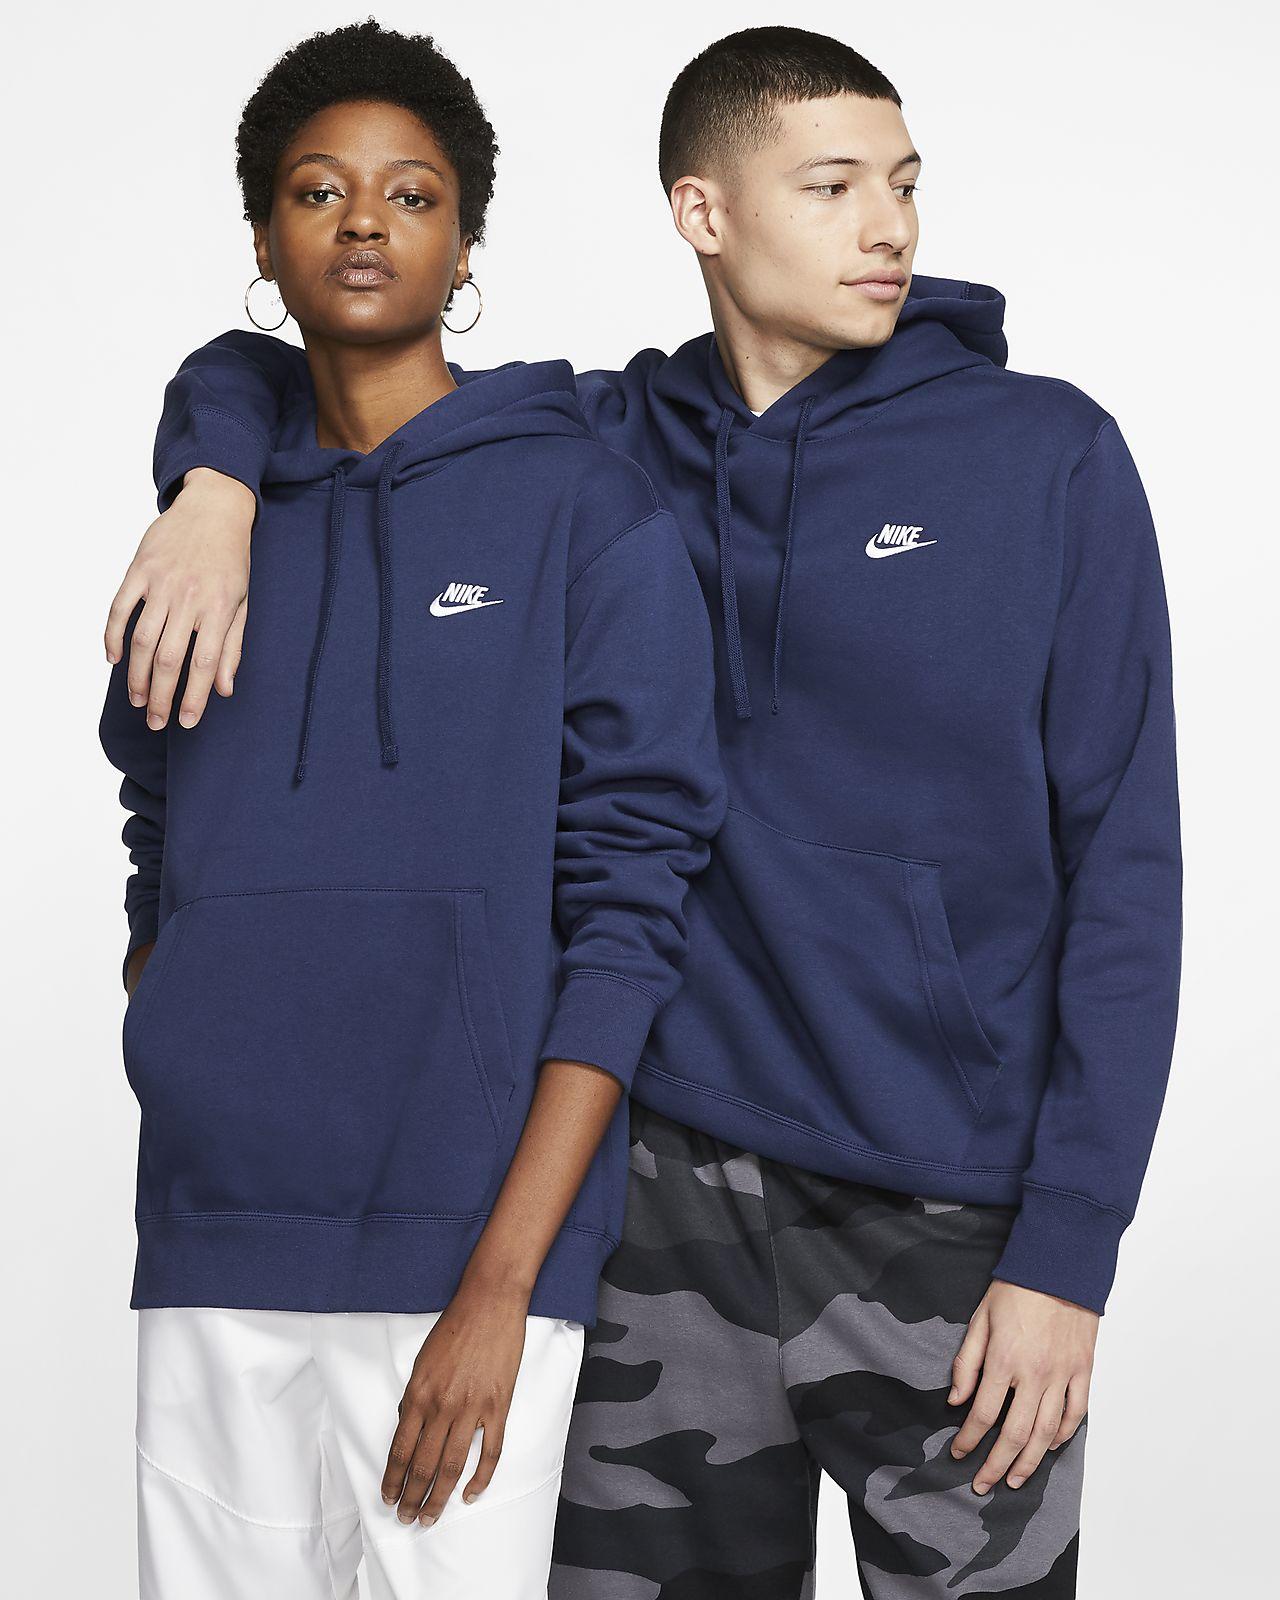 Nike Sportswear Sweatshirt - cerulean/black